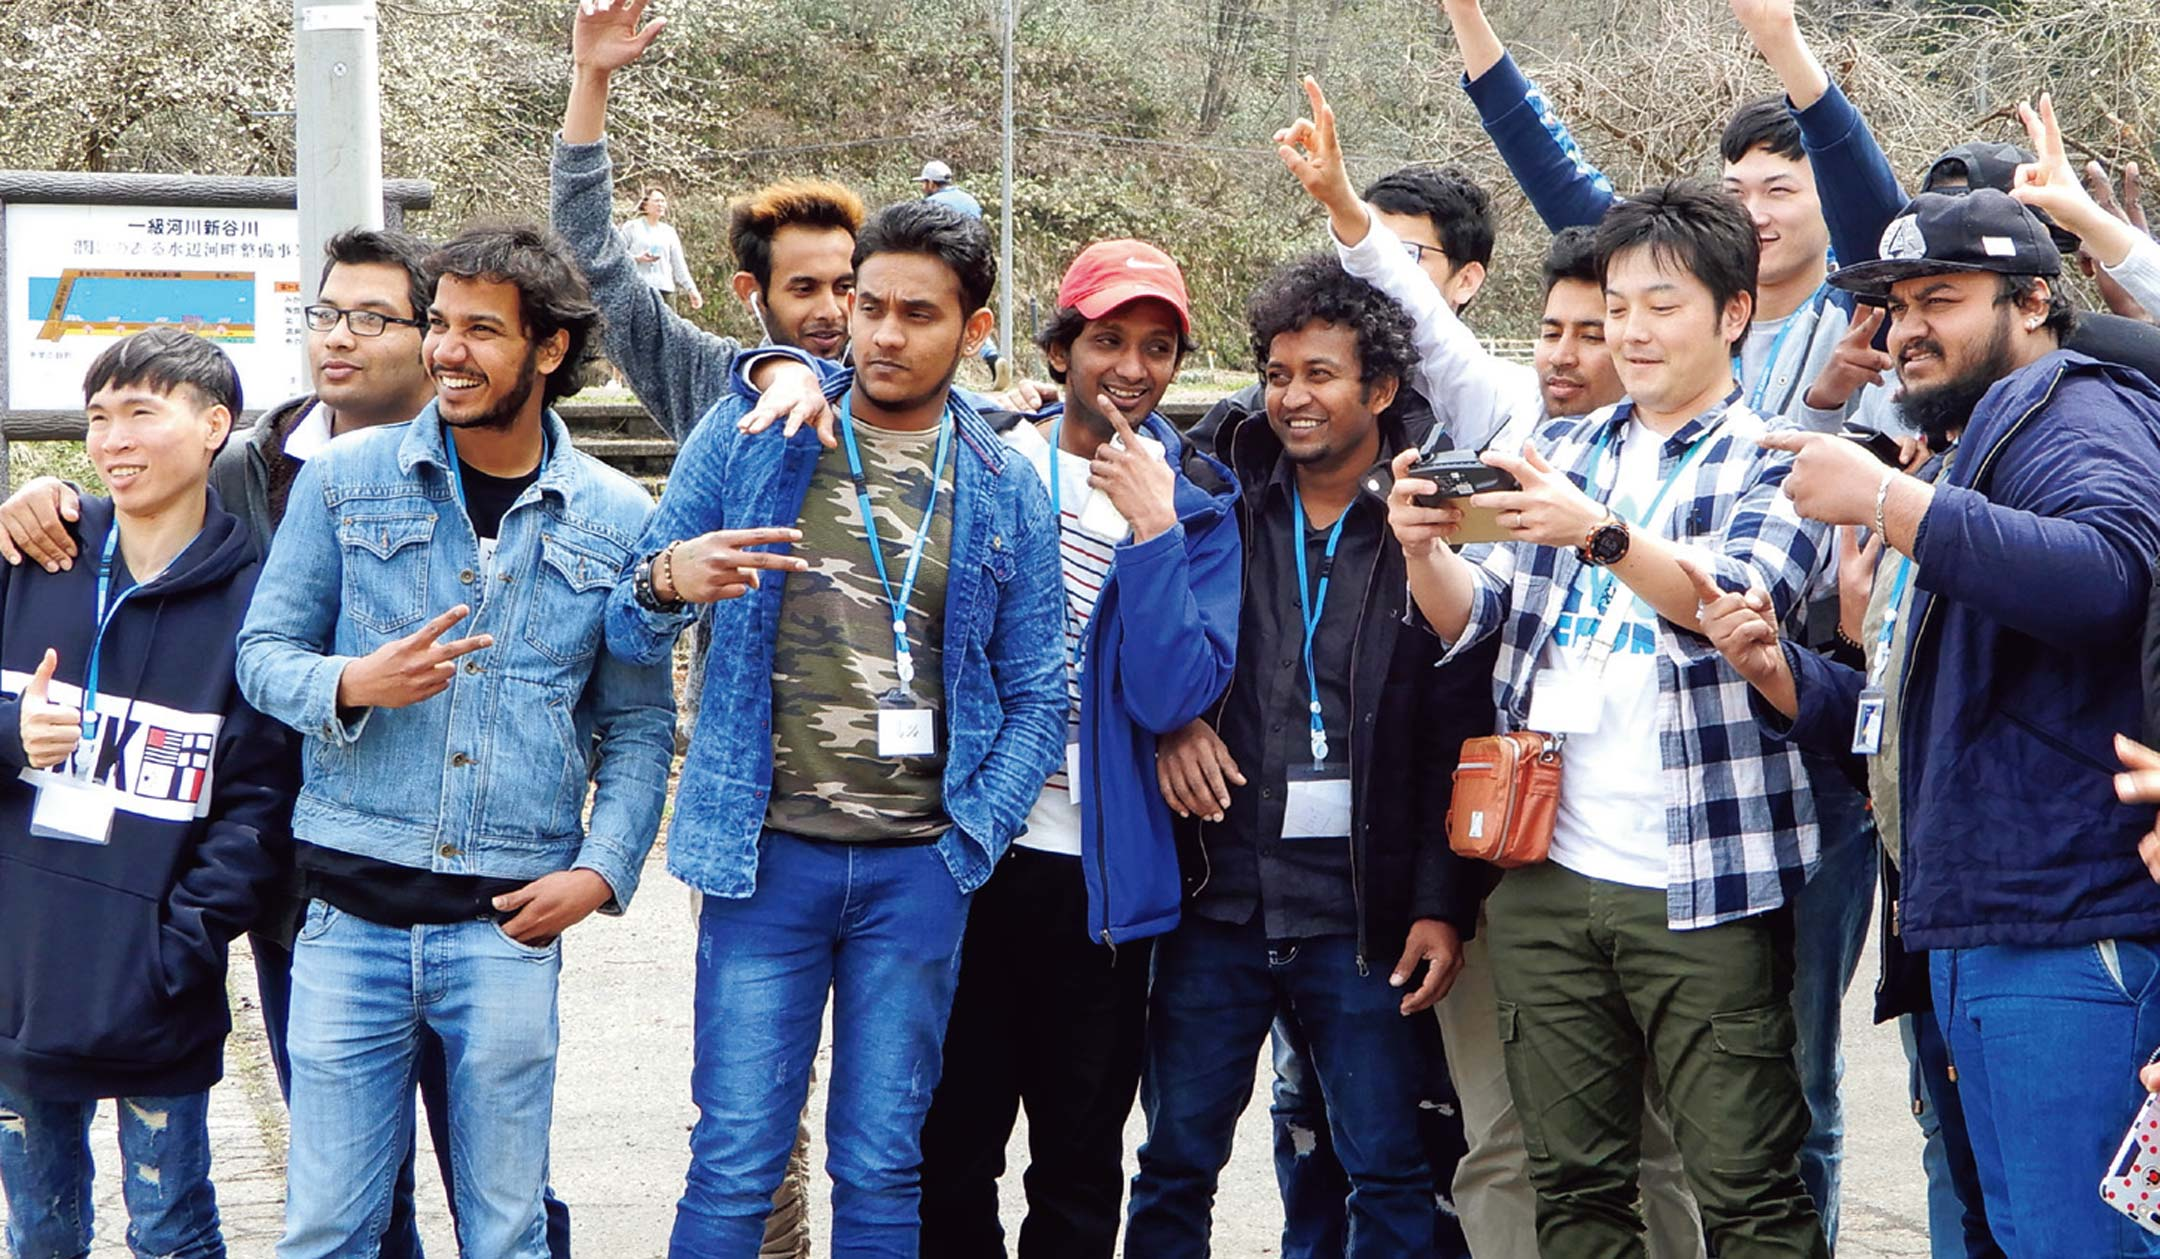 多国籍の学生と記念撮影